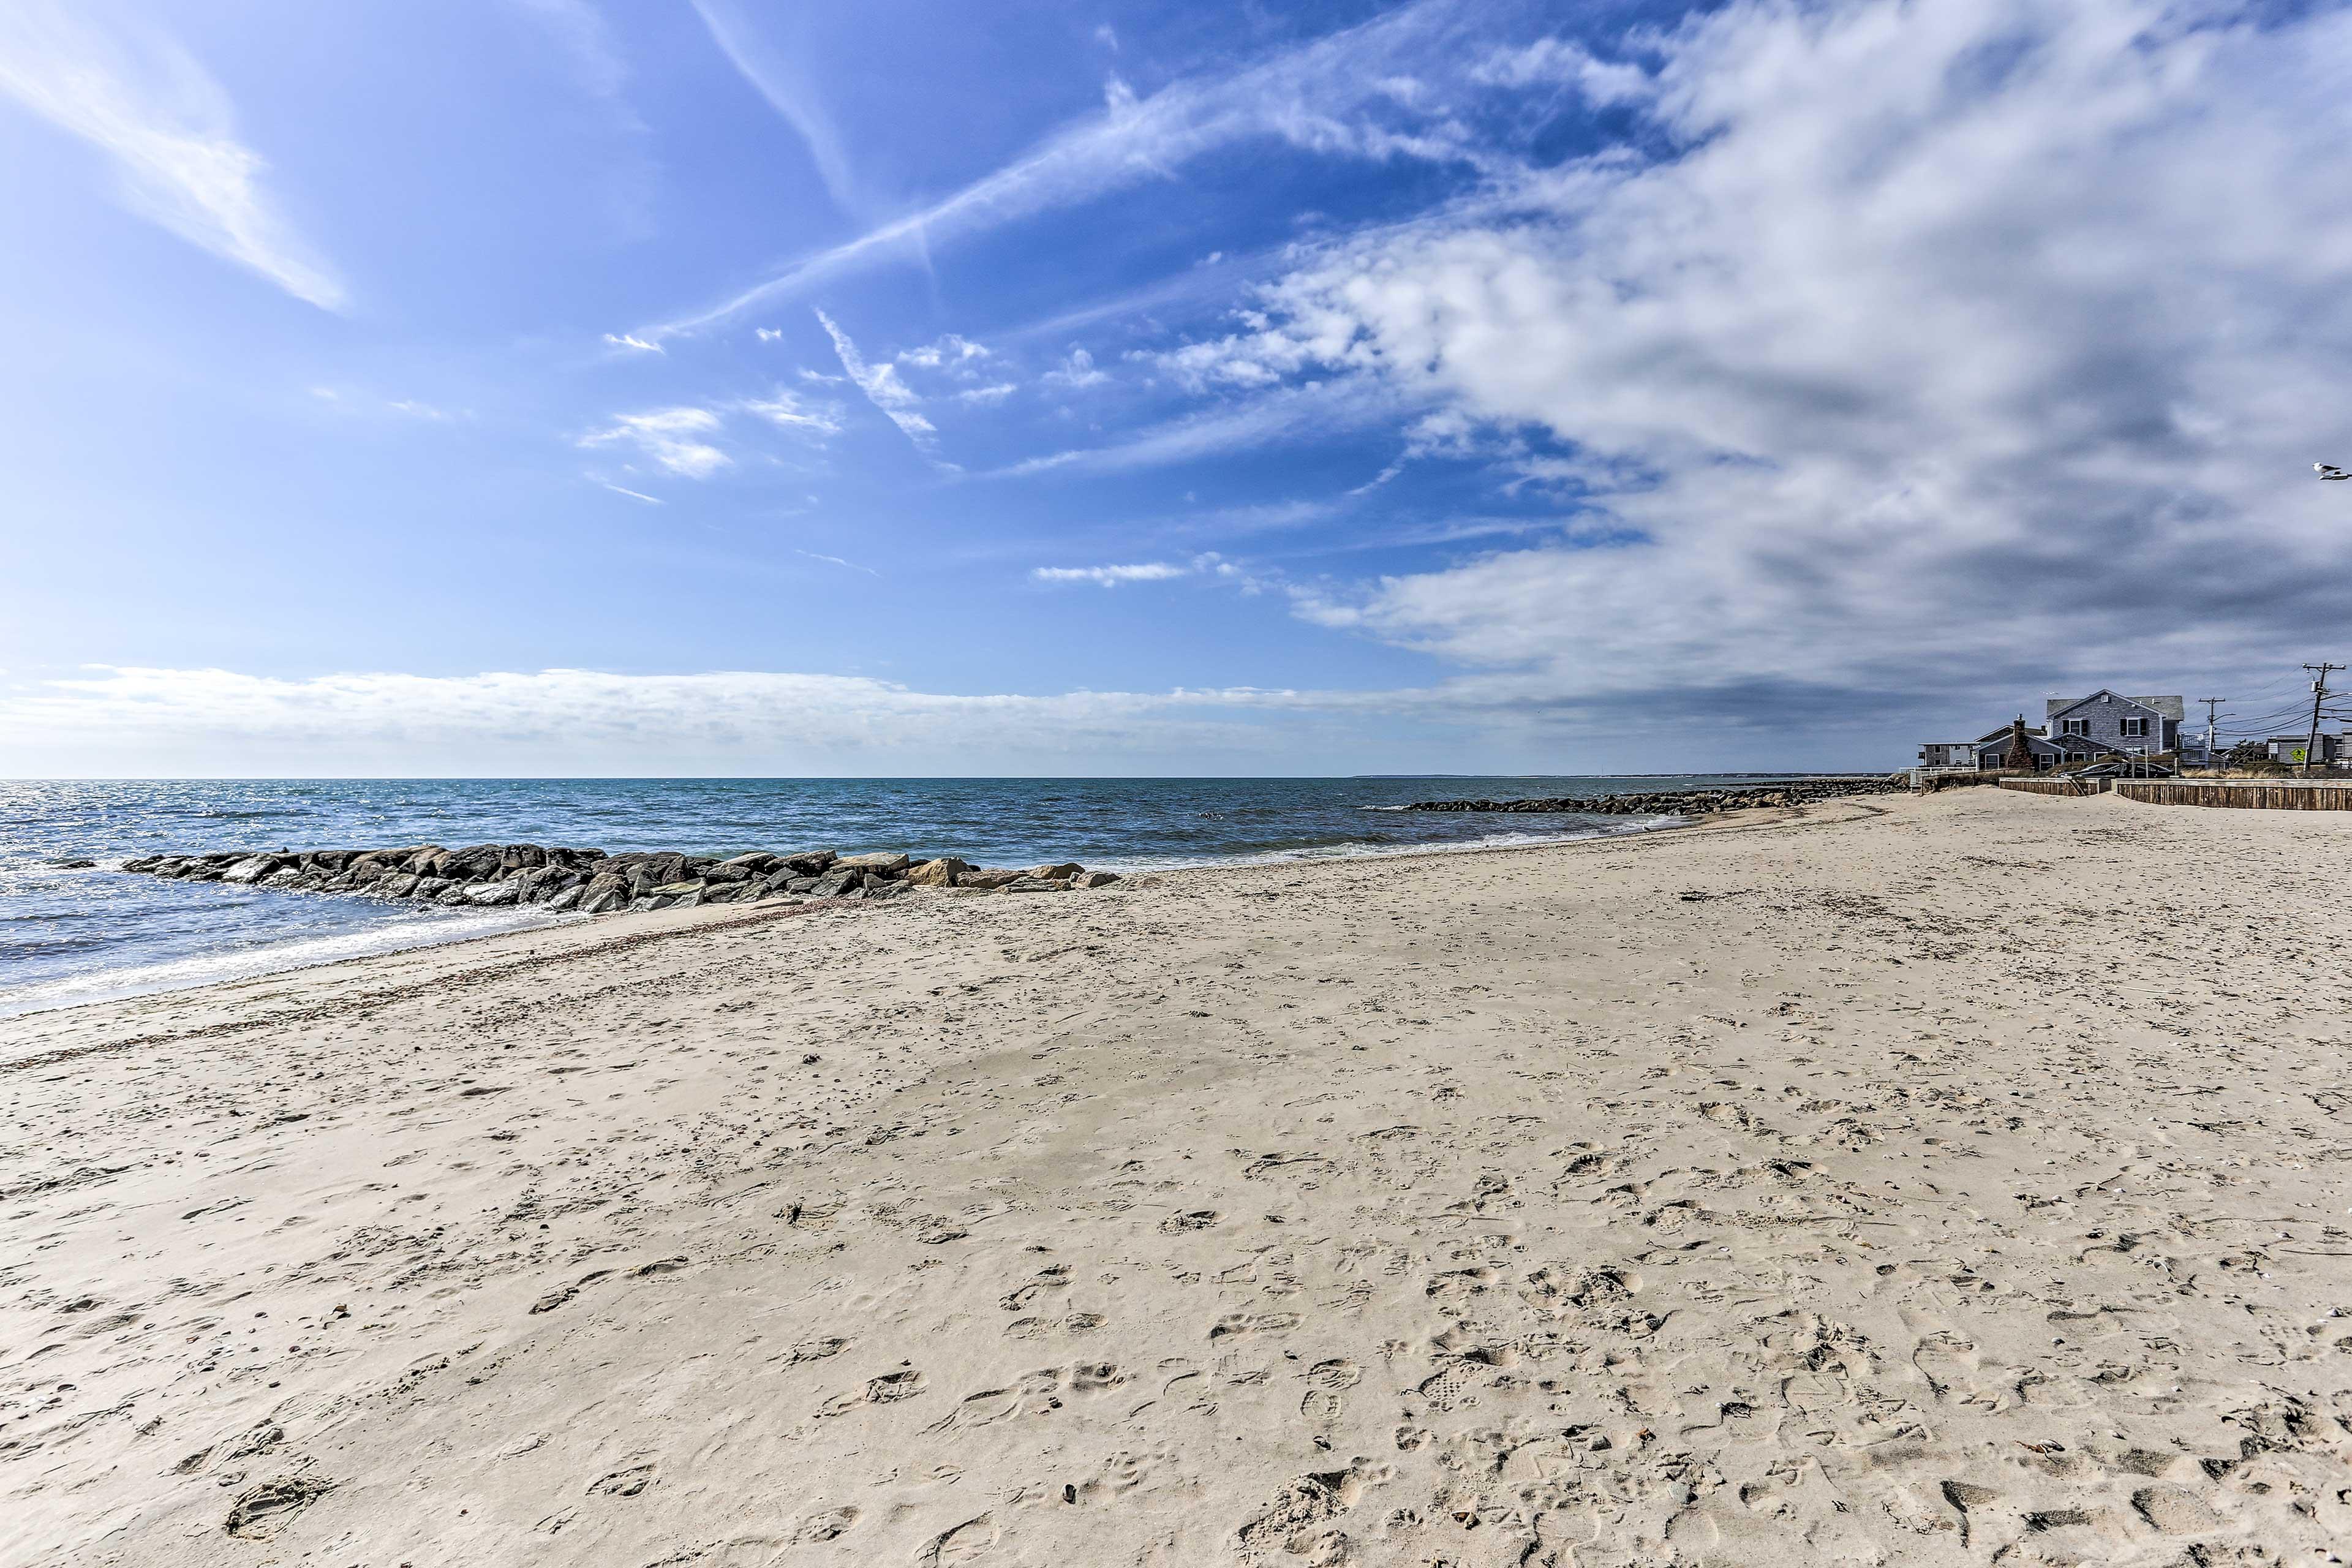 Catch a sun tan on the sand.